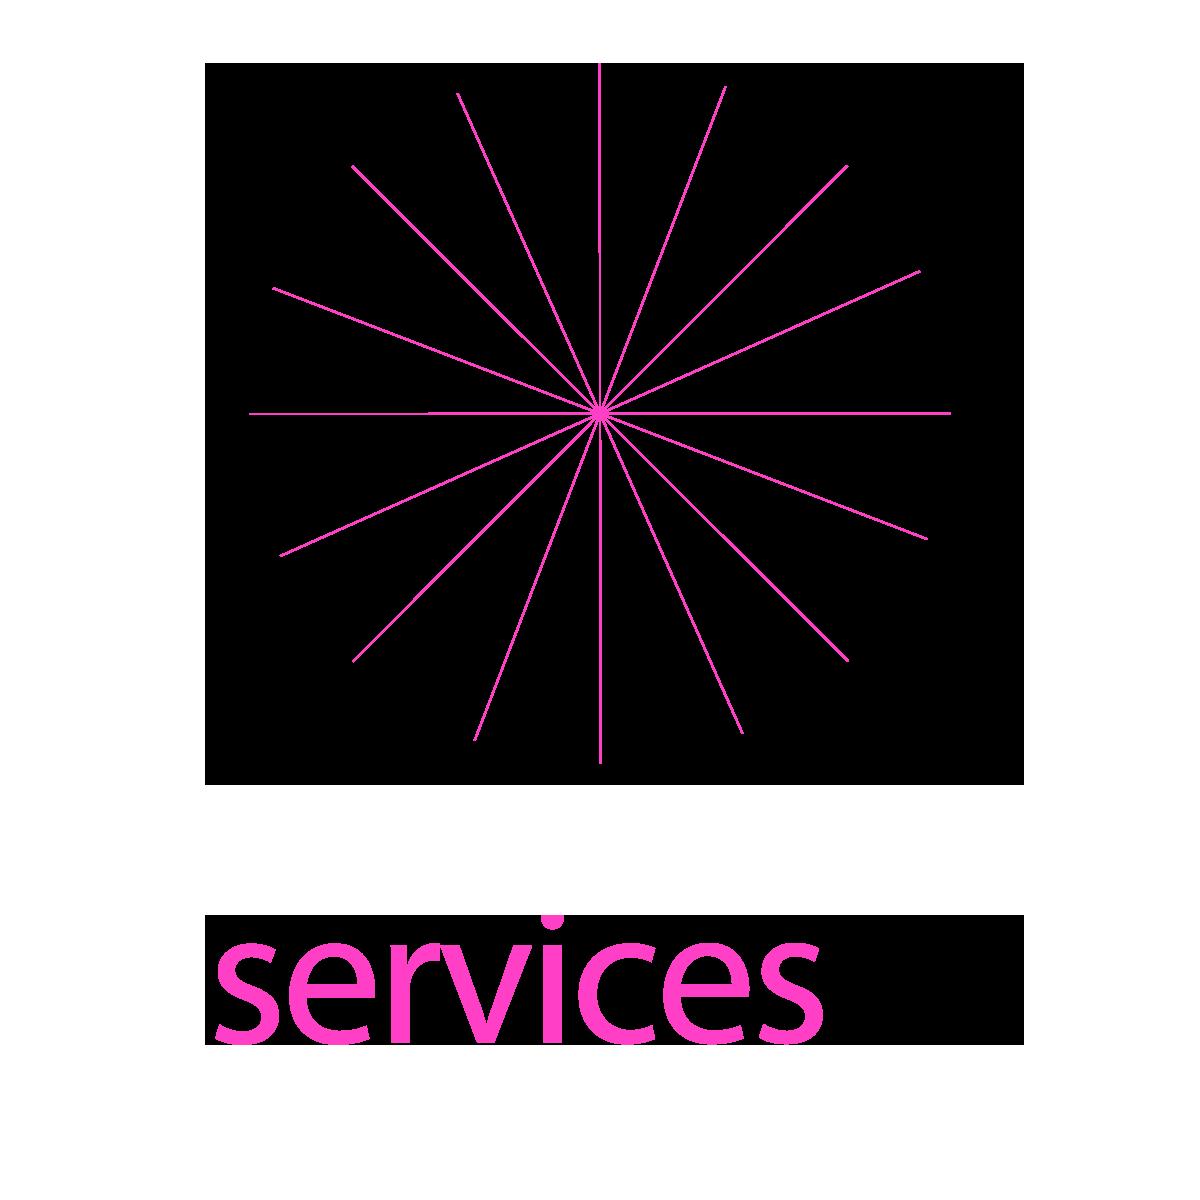 Consuman facilities, Consuman fleets, Consuman services, Consuman industries, Consuman constructors, Consuman government, Consuman health, Consuman hotels